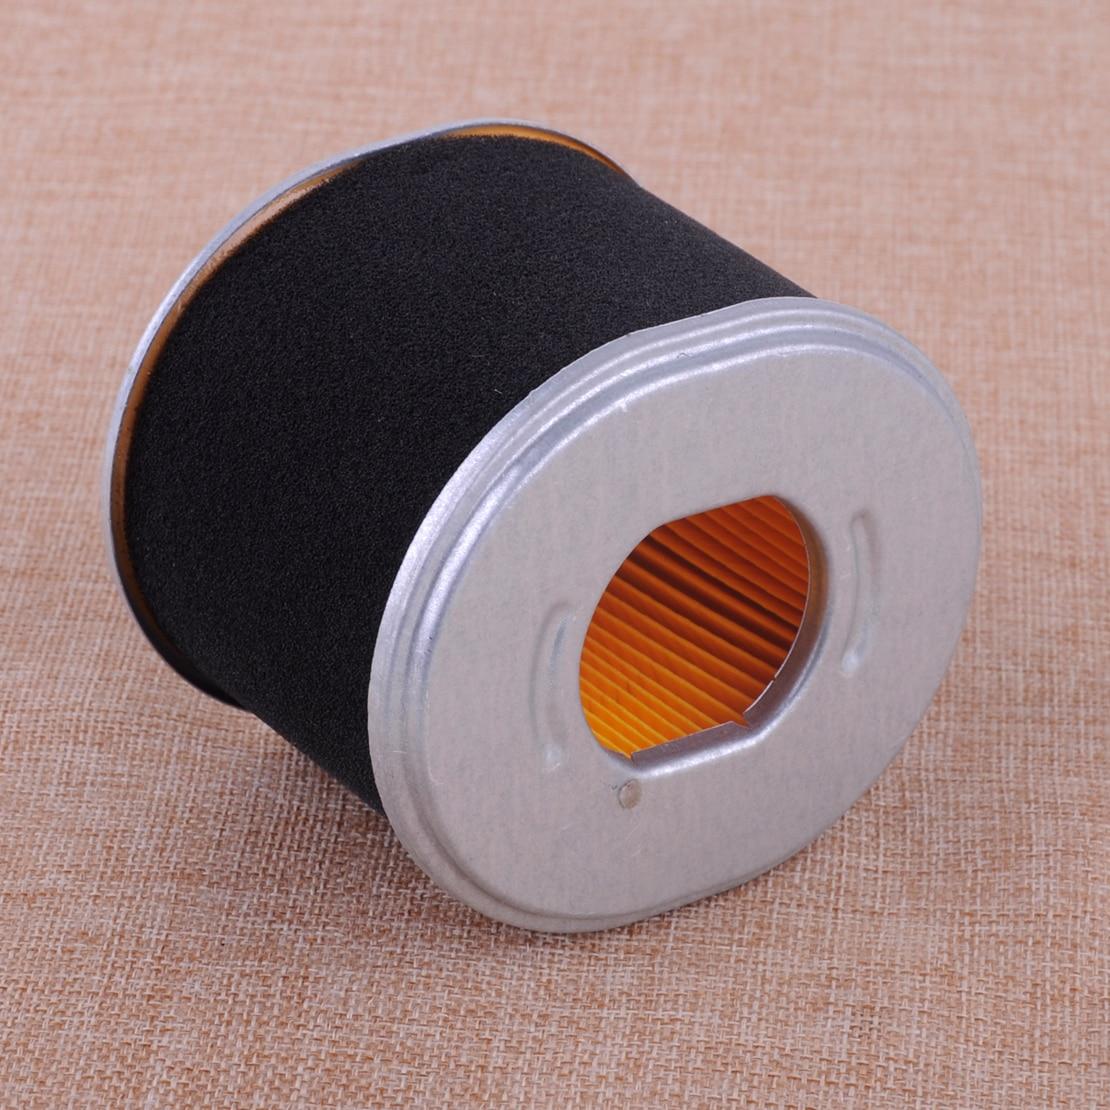 bucles banda 25m x 25mm organza//schnittorganza blanco con puntos 1m = 0,20 €